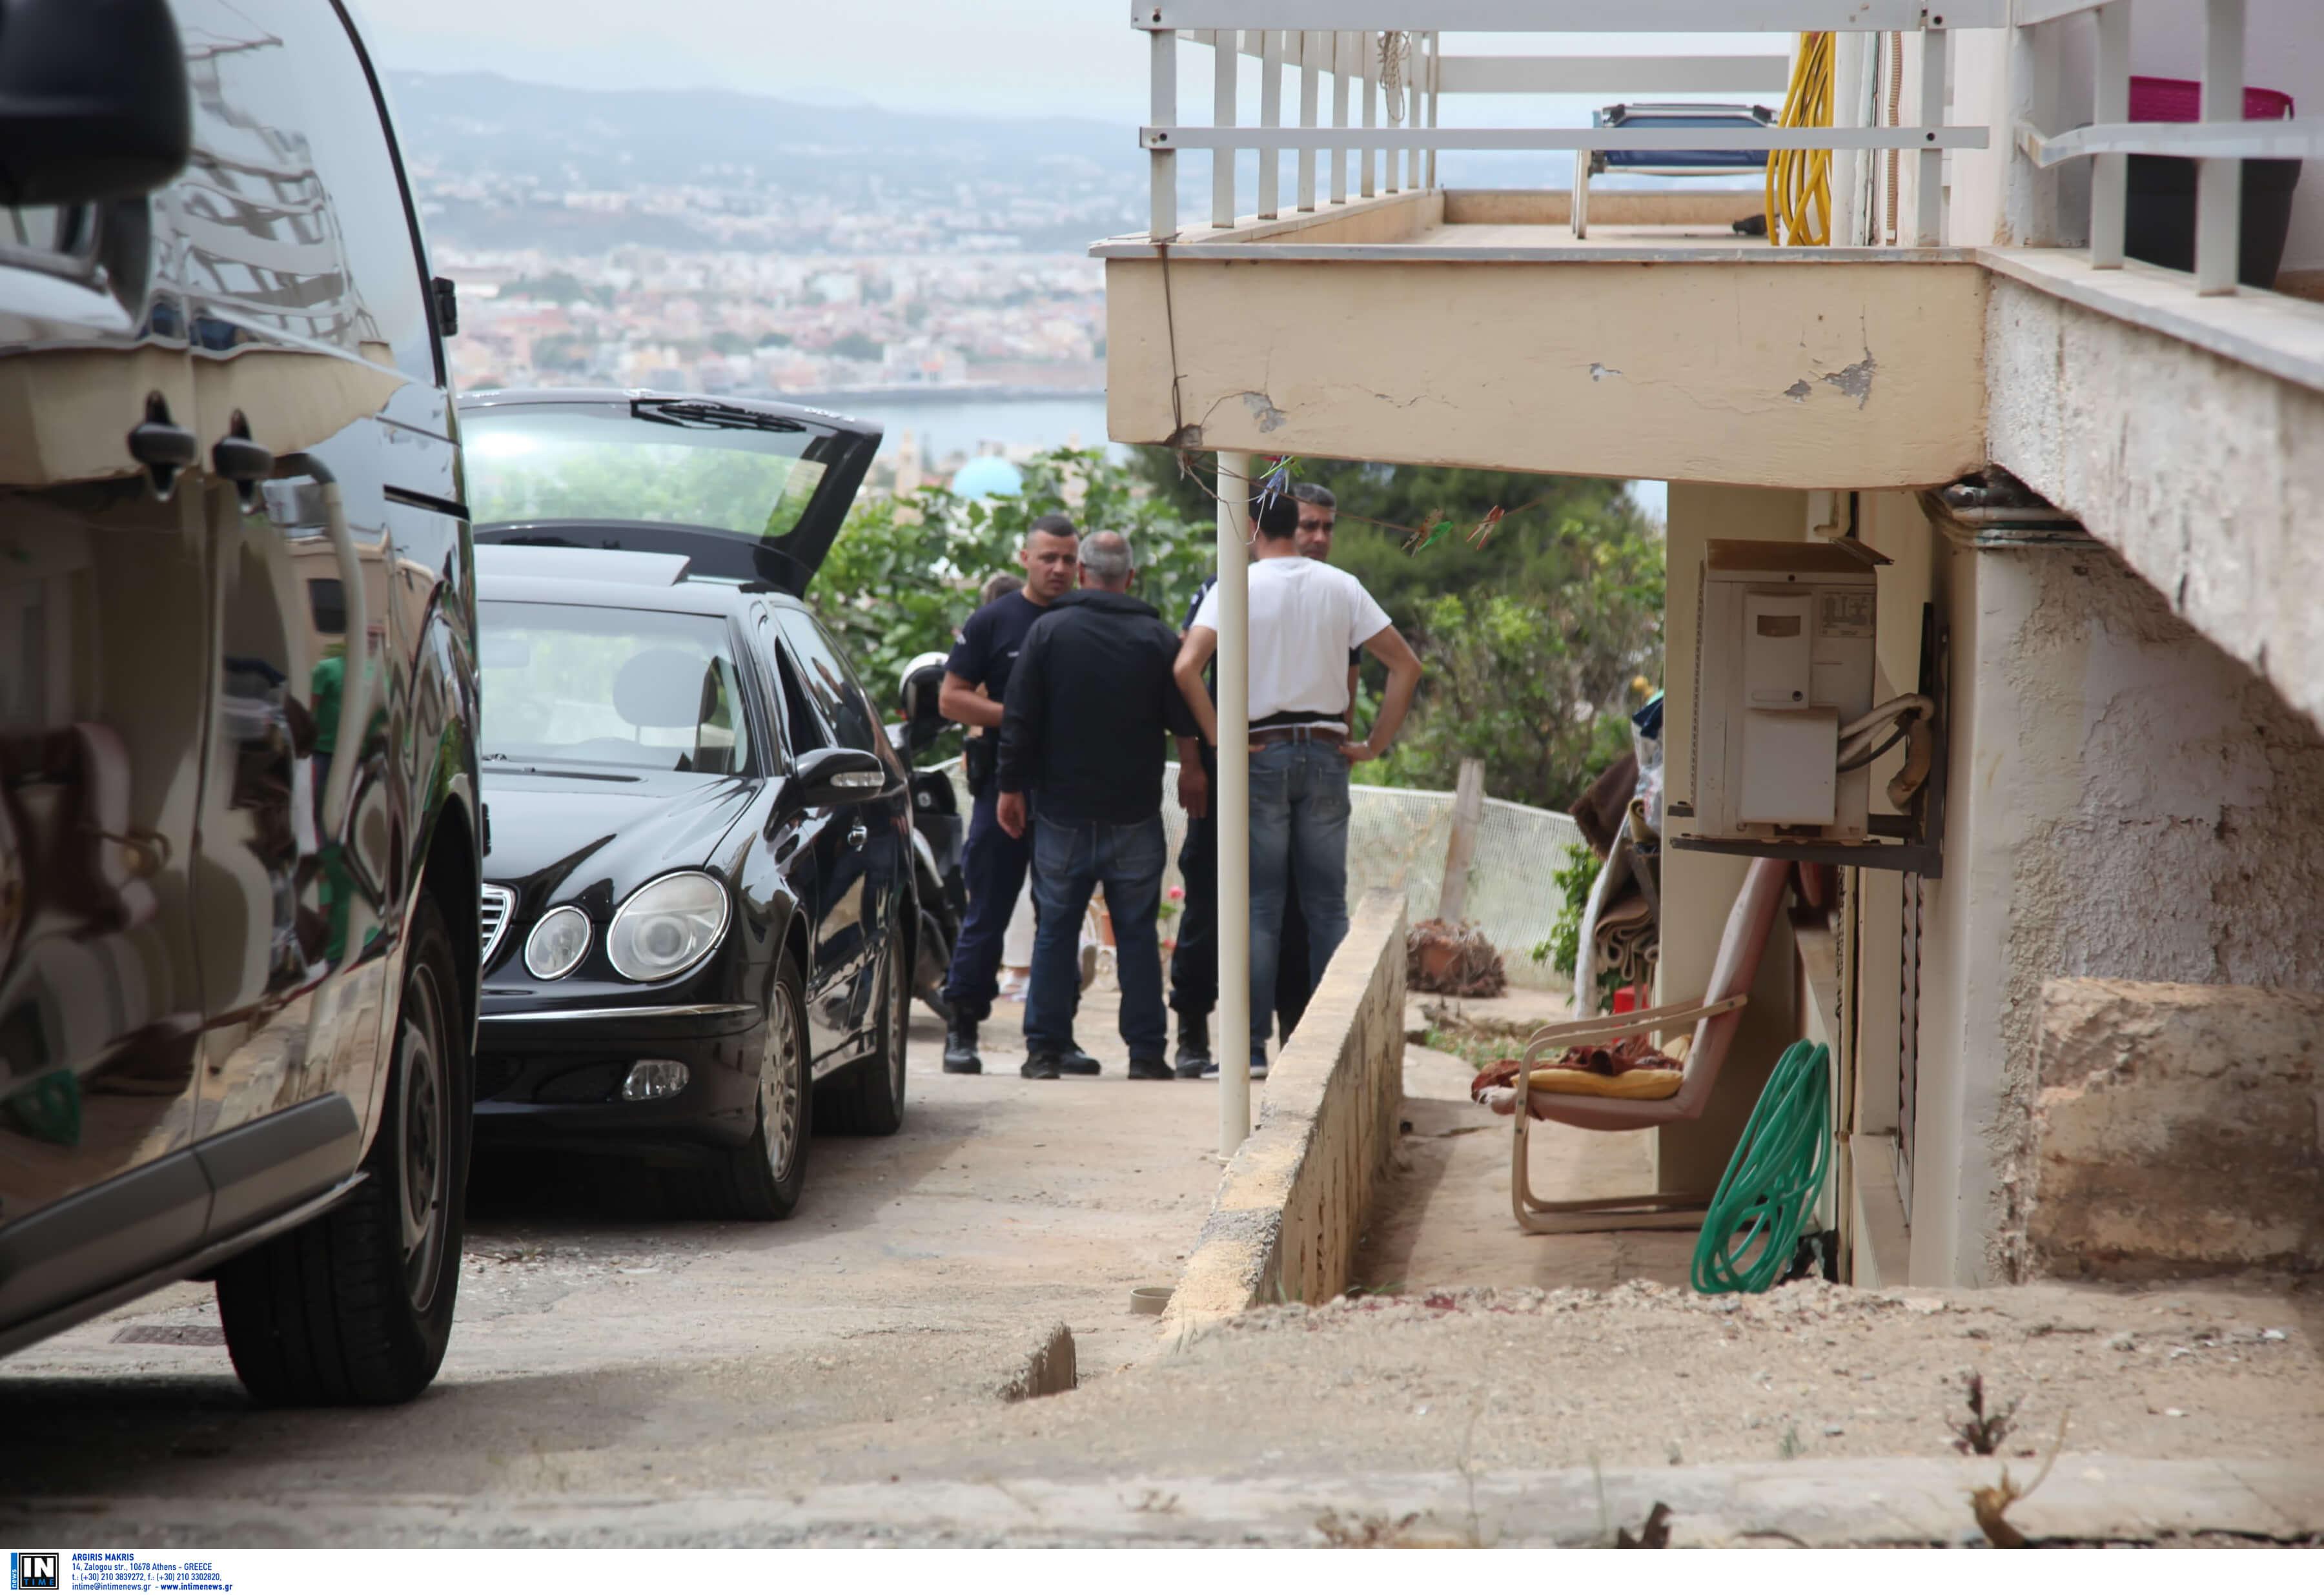 Έτσι την σκότωσε και αυτοκτόνησε! Αυτό είναι το πόρισμα του ιατροδικαστή για την οικογενειακή τραγωδία στην Κρήτη